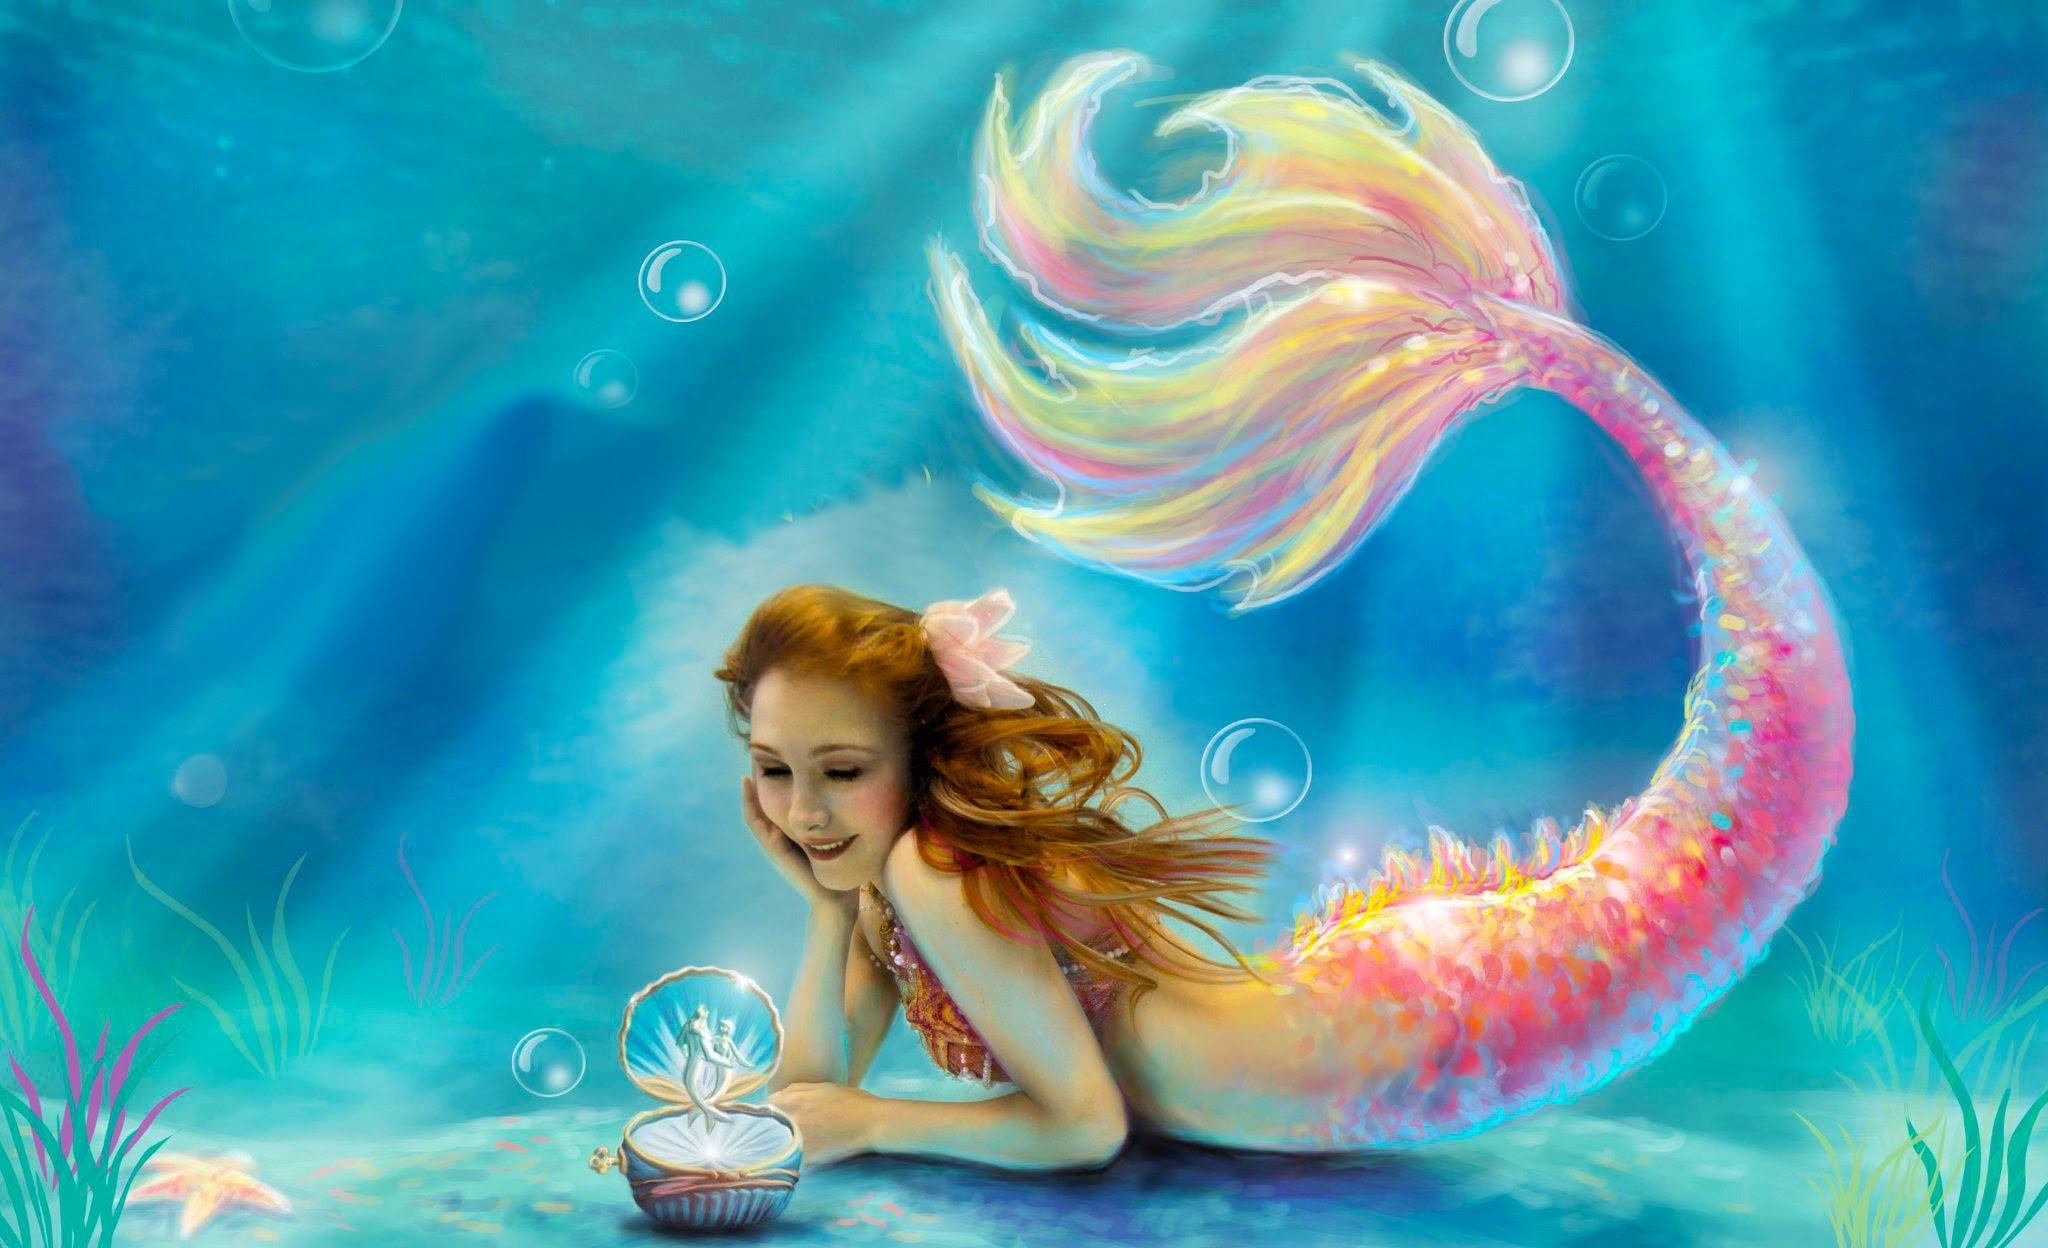 صورة صور عروسه البحر , اجمل صور لعروسه البحر